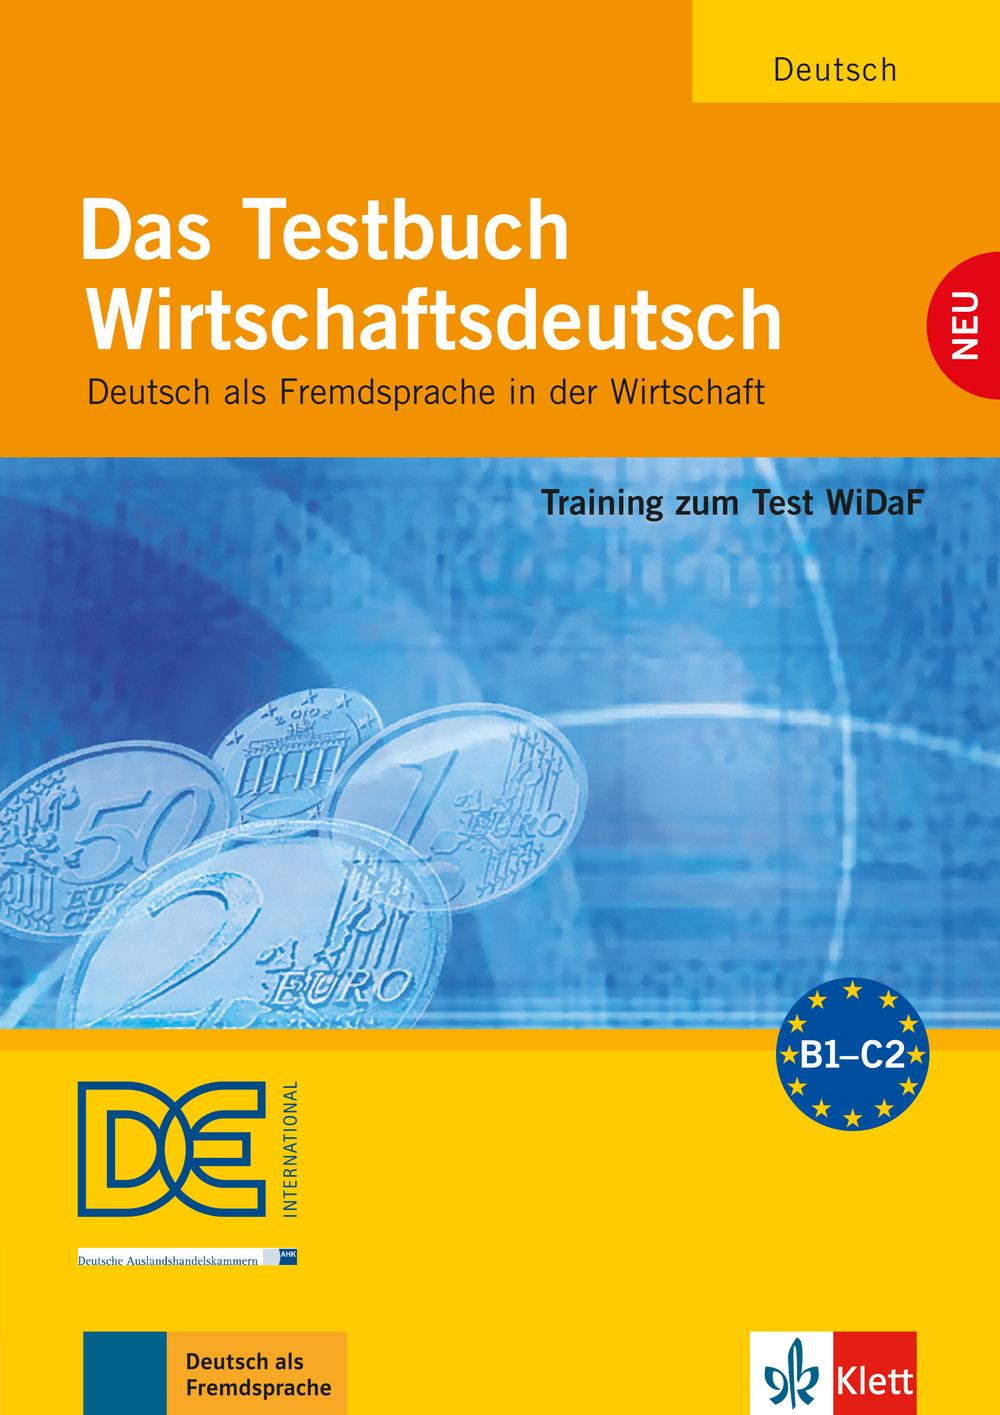 Das Testbuch Wirtschaftsdeutsch